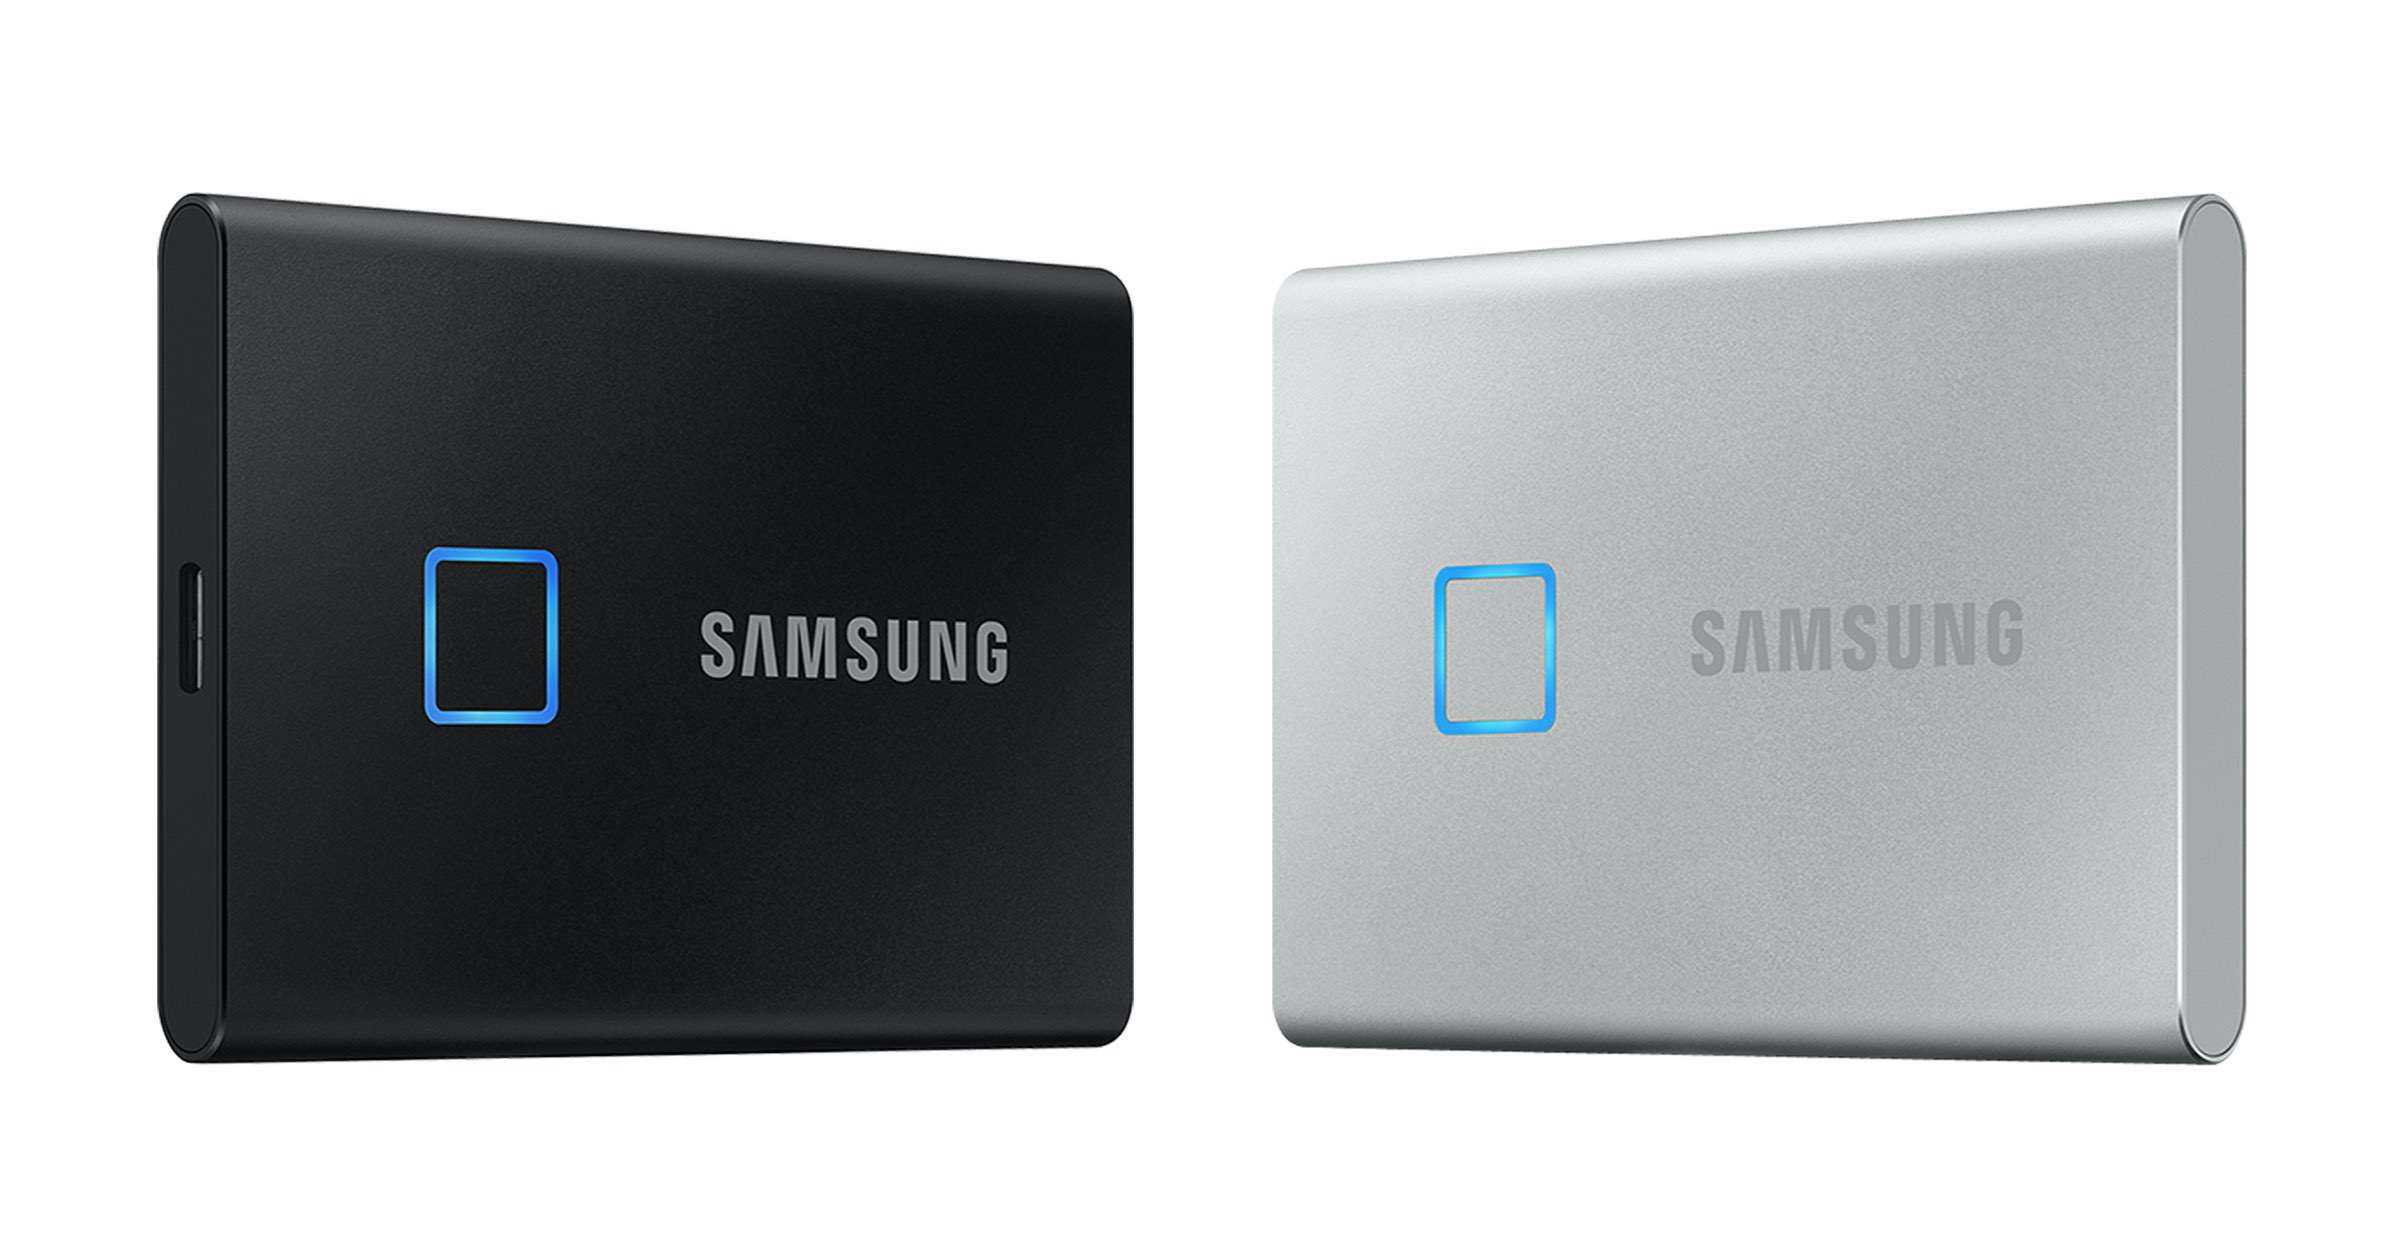 Samsung SSD T7 Touch: Festplatte mit Fingerscanner auf der #CES2020